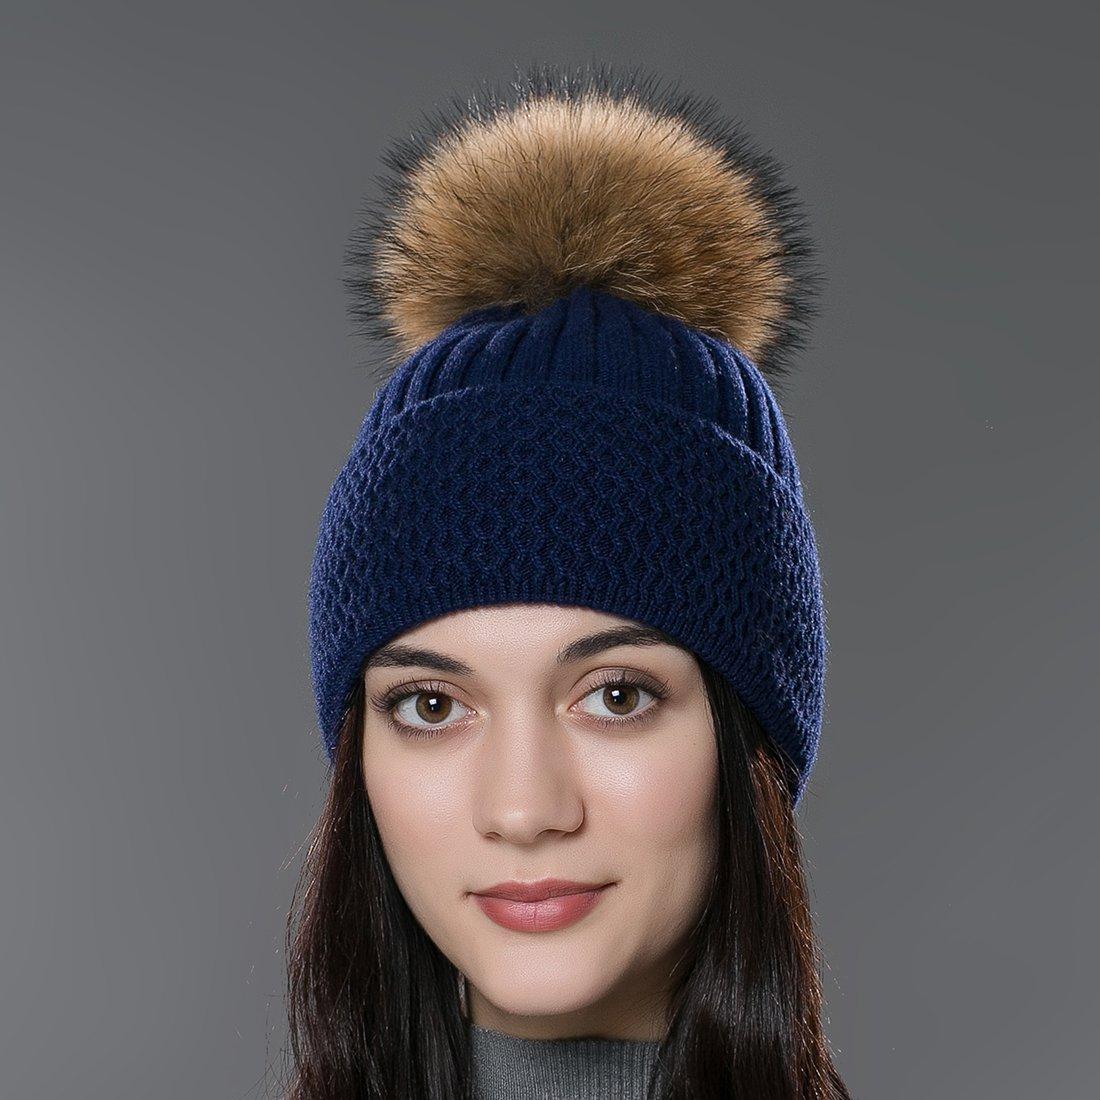 5933e0861d9ec URSFUR Autumn Knit Cap with Fur Ball Pom Pom Beanie Unisex Winter Hat  CA-YQ-MX16003-Q-2-GCID  1541792141-277448  - CA 19.13